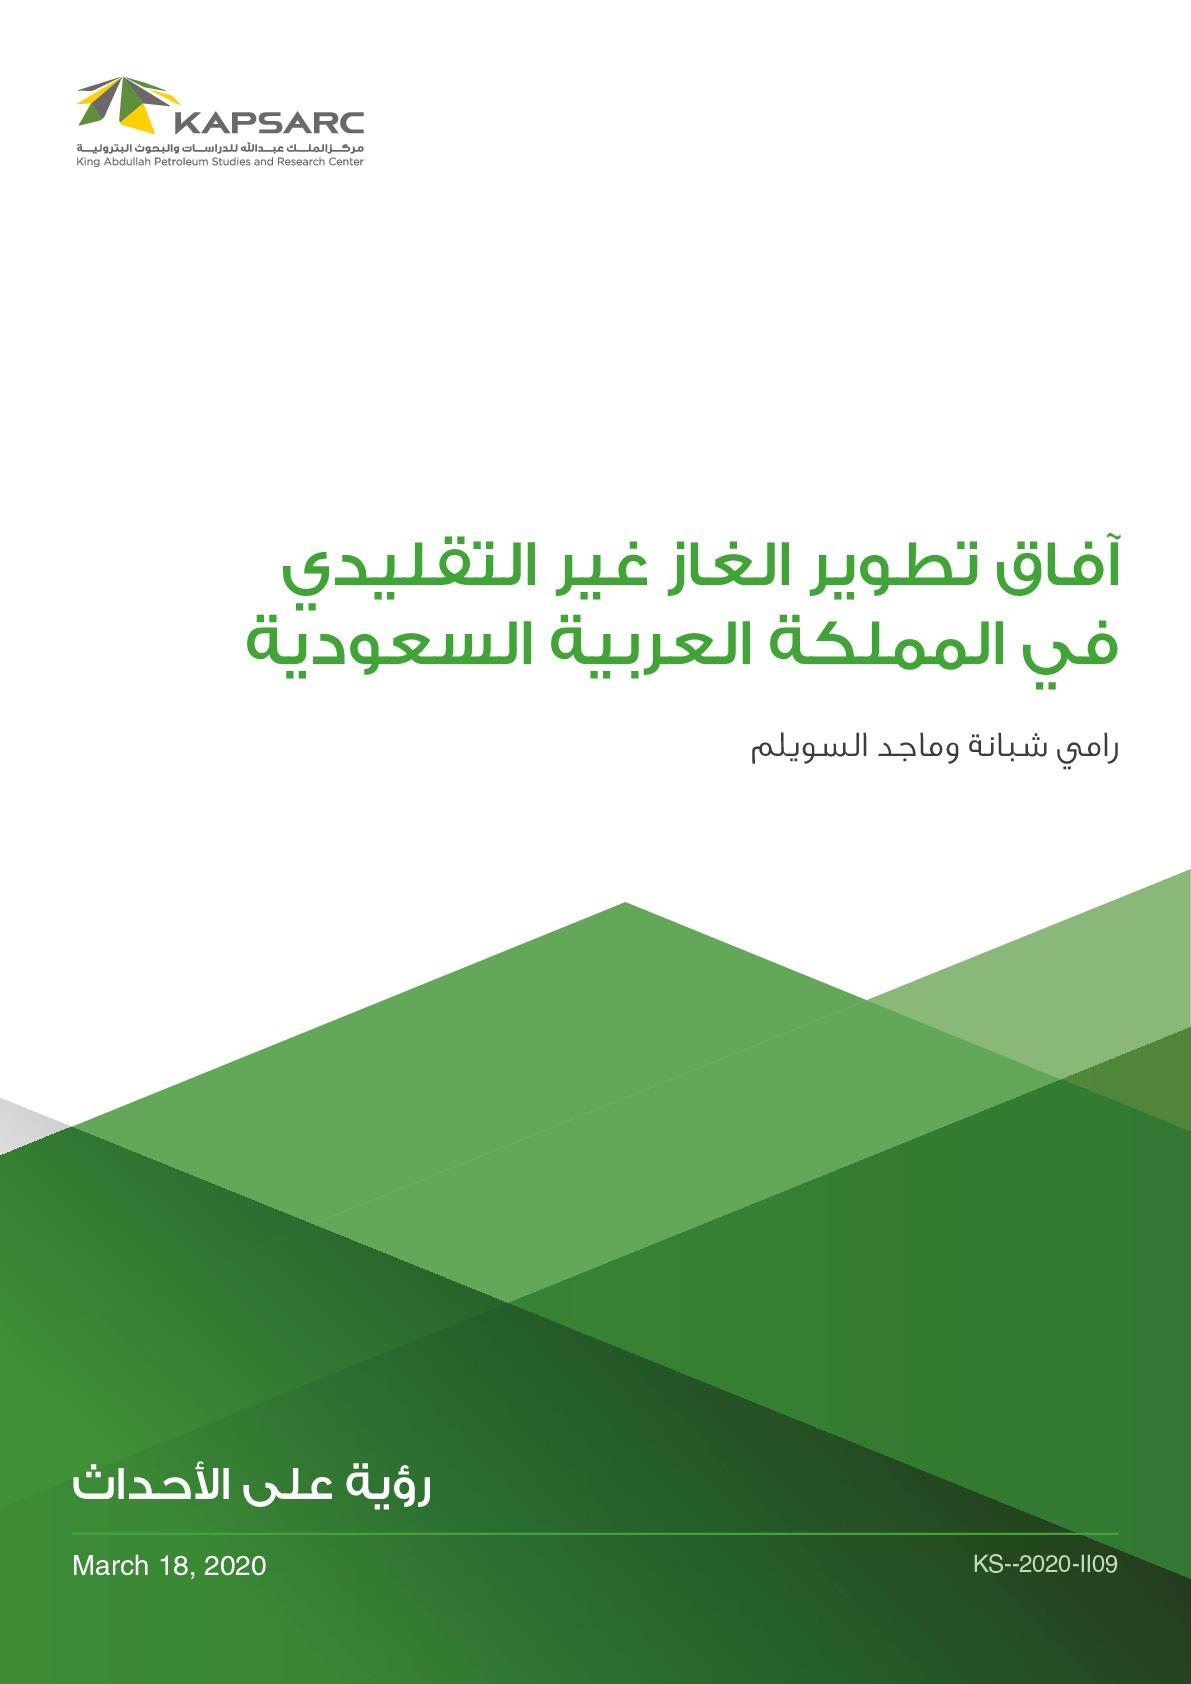 آفاق تطوير الغاز غير التقليدي في المملكة العربية السعودية